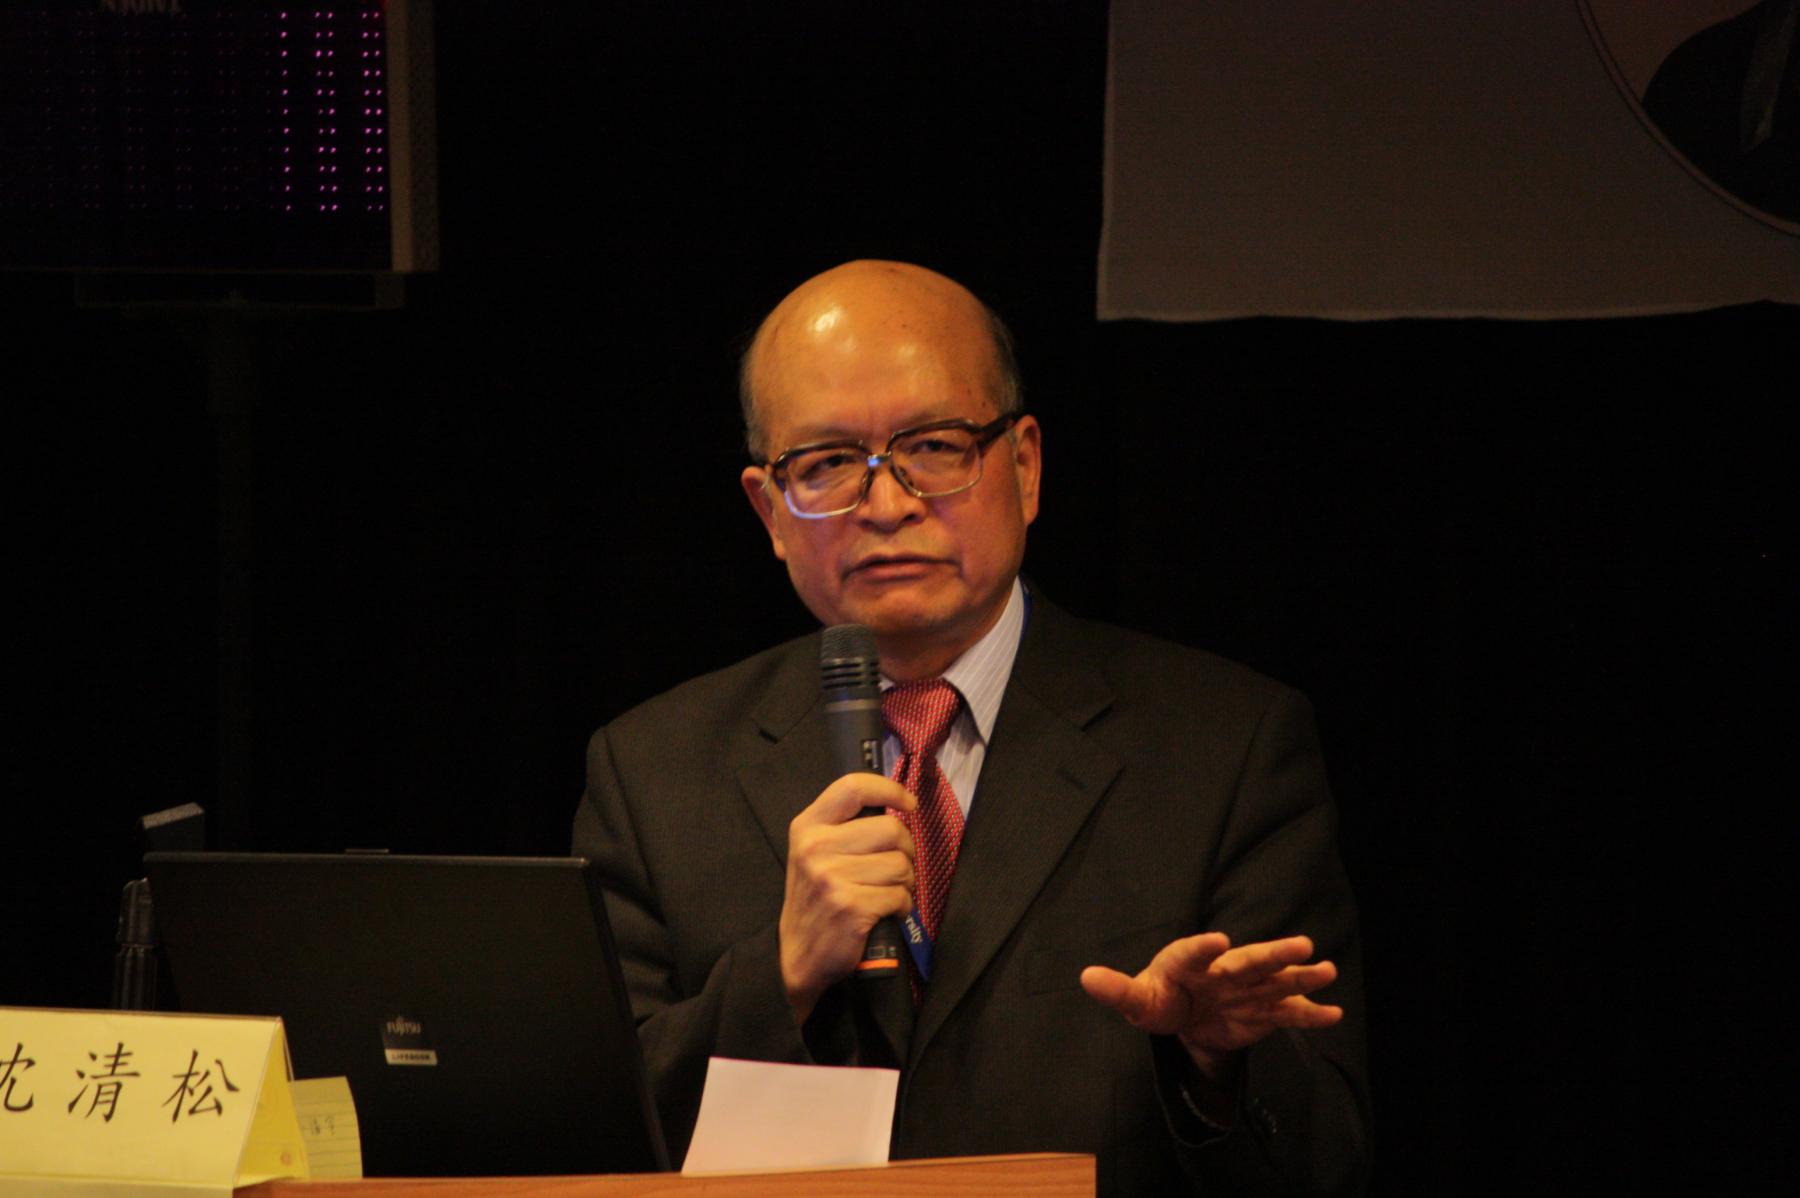 201004紀念利瑪竇逝世四百週年國際學術研討會-37